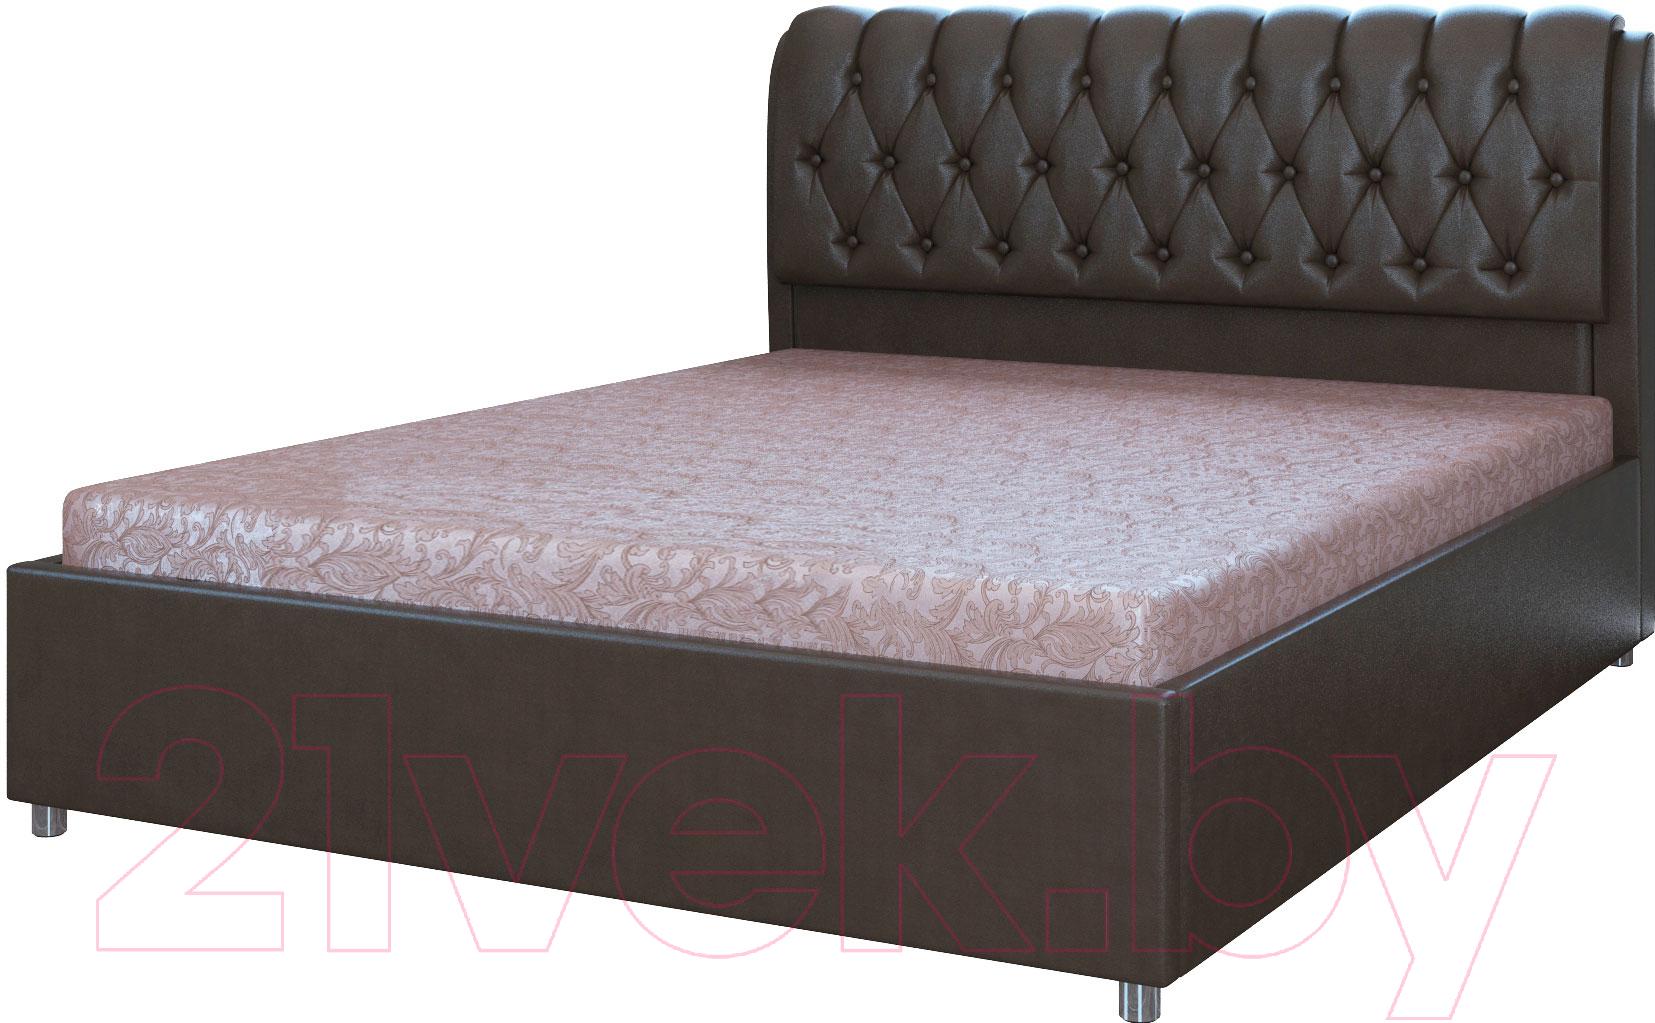 Купить Двуспальная кровать Bravo Мебель, Барселона 180x200 (экокожа черный), Россия